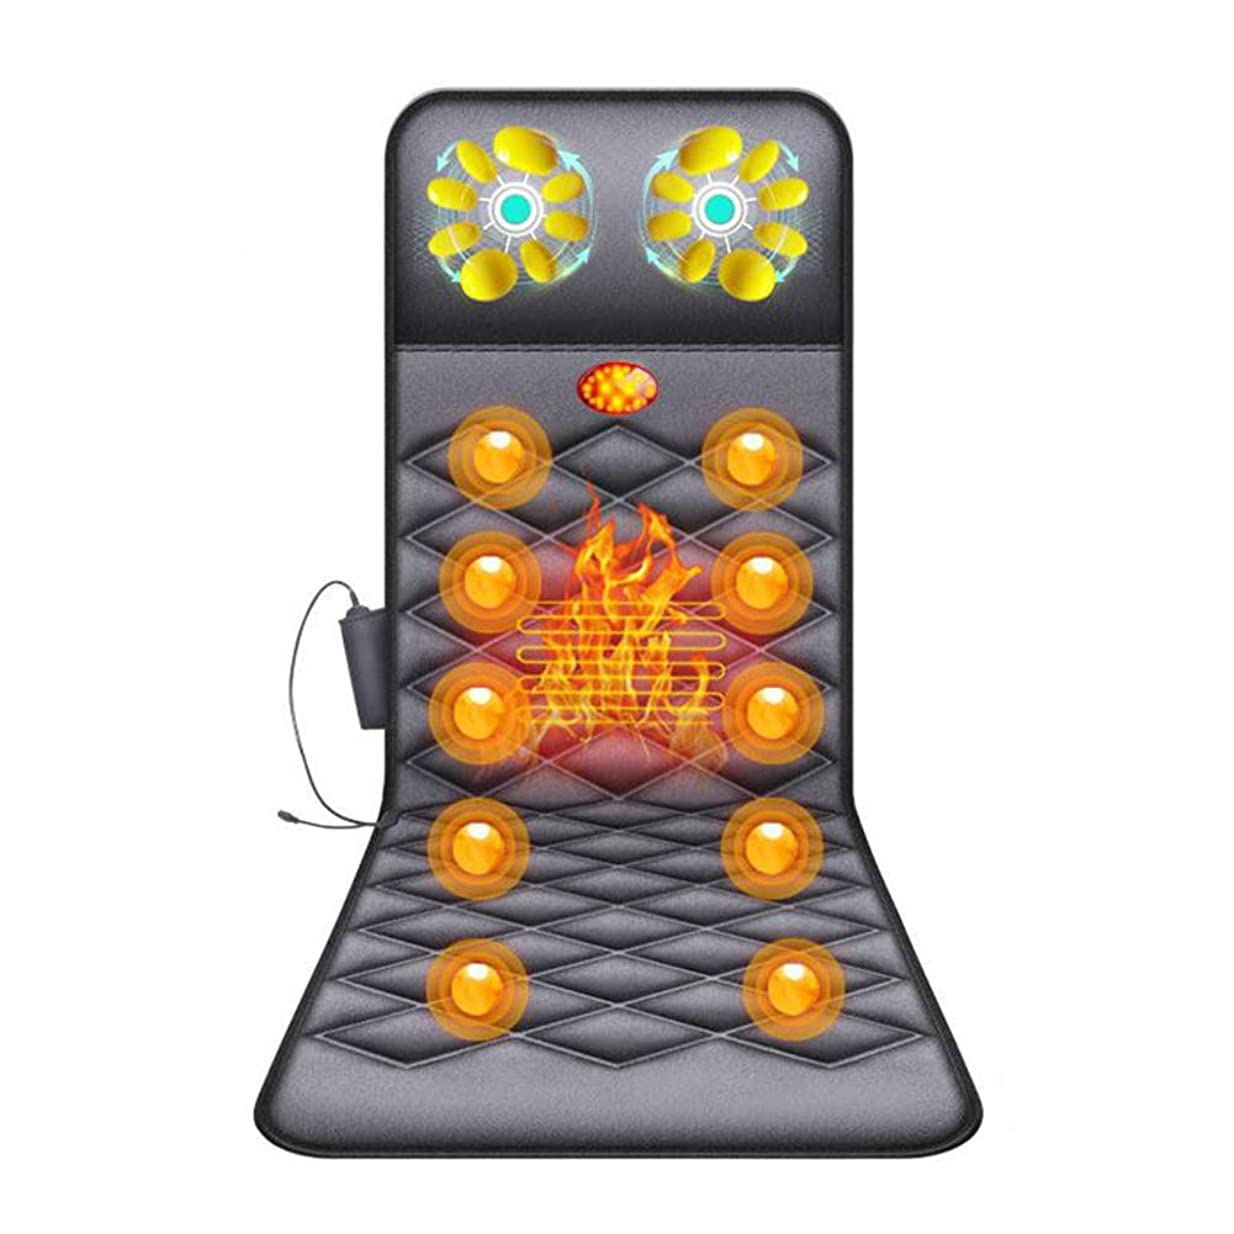 消費する見せます成り立つ背中と腰の痛みを和らげる、熱、調節可能な振動とタイミングを備えた電動多機能家庭用マッサージャー